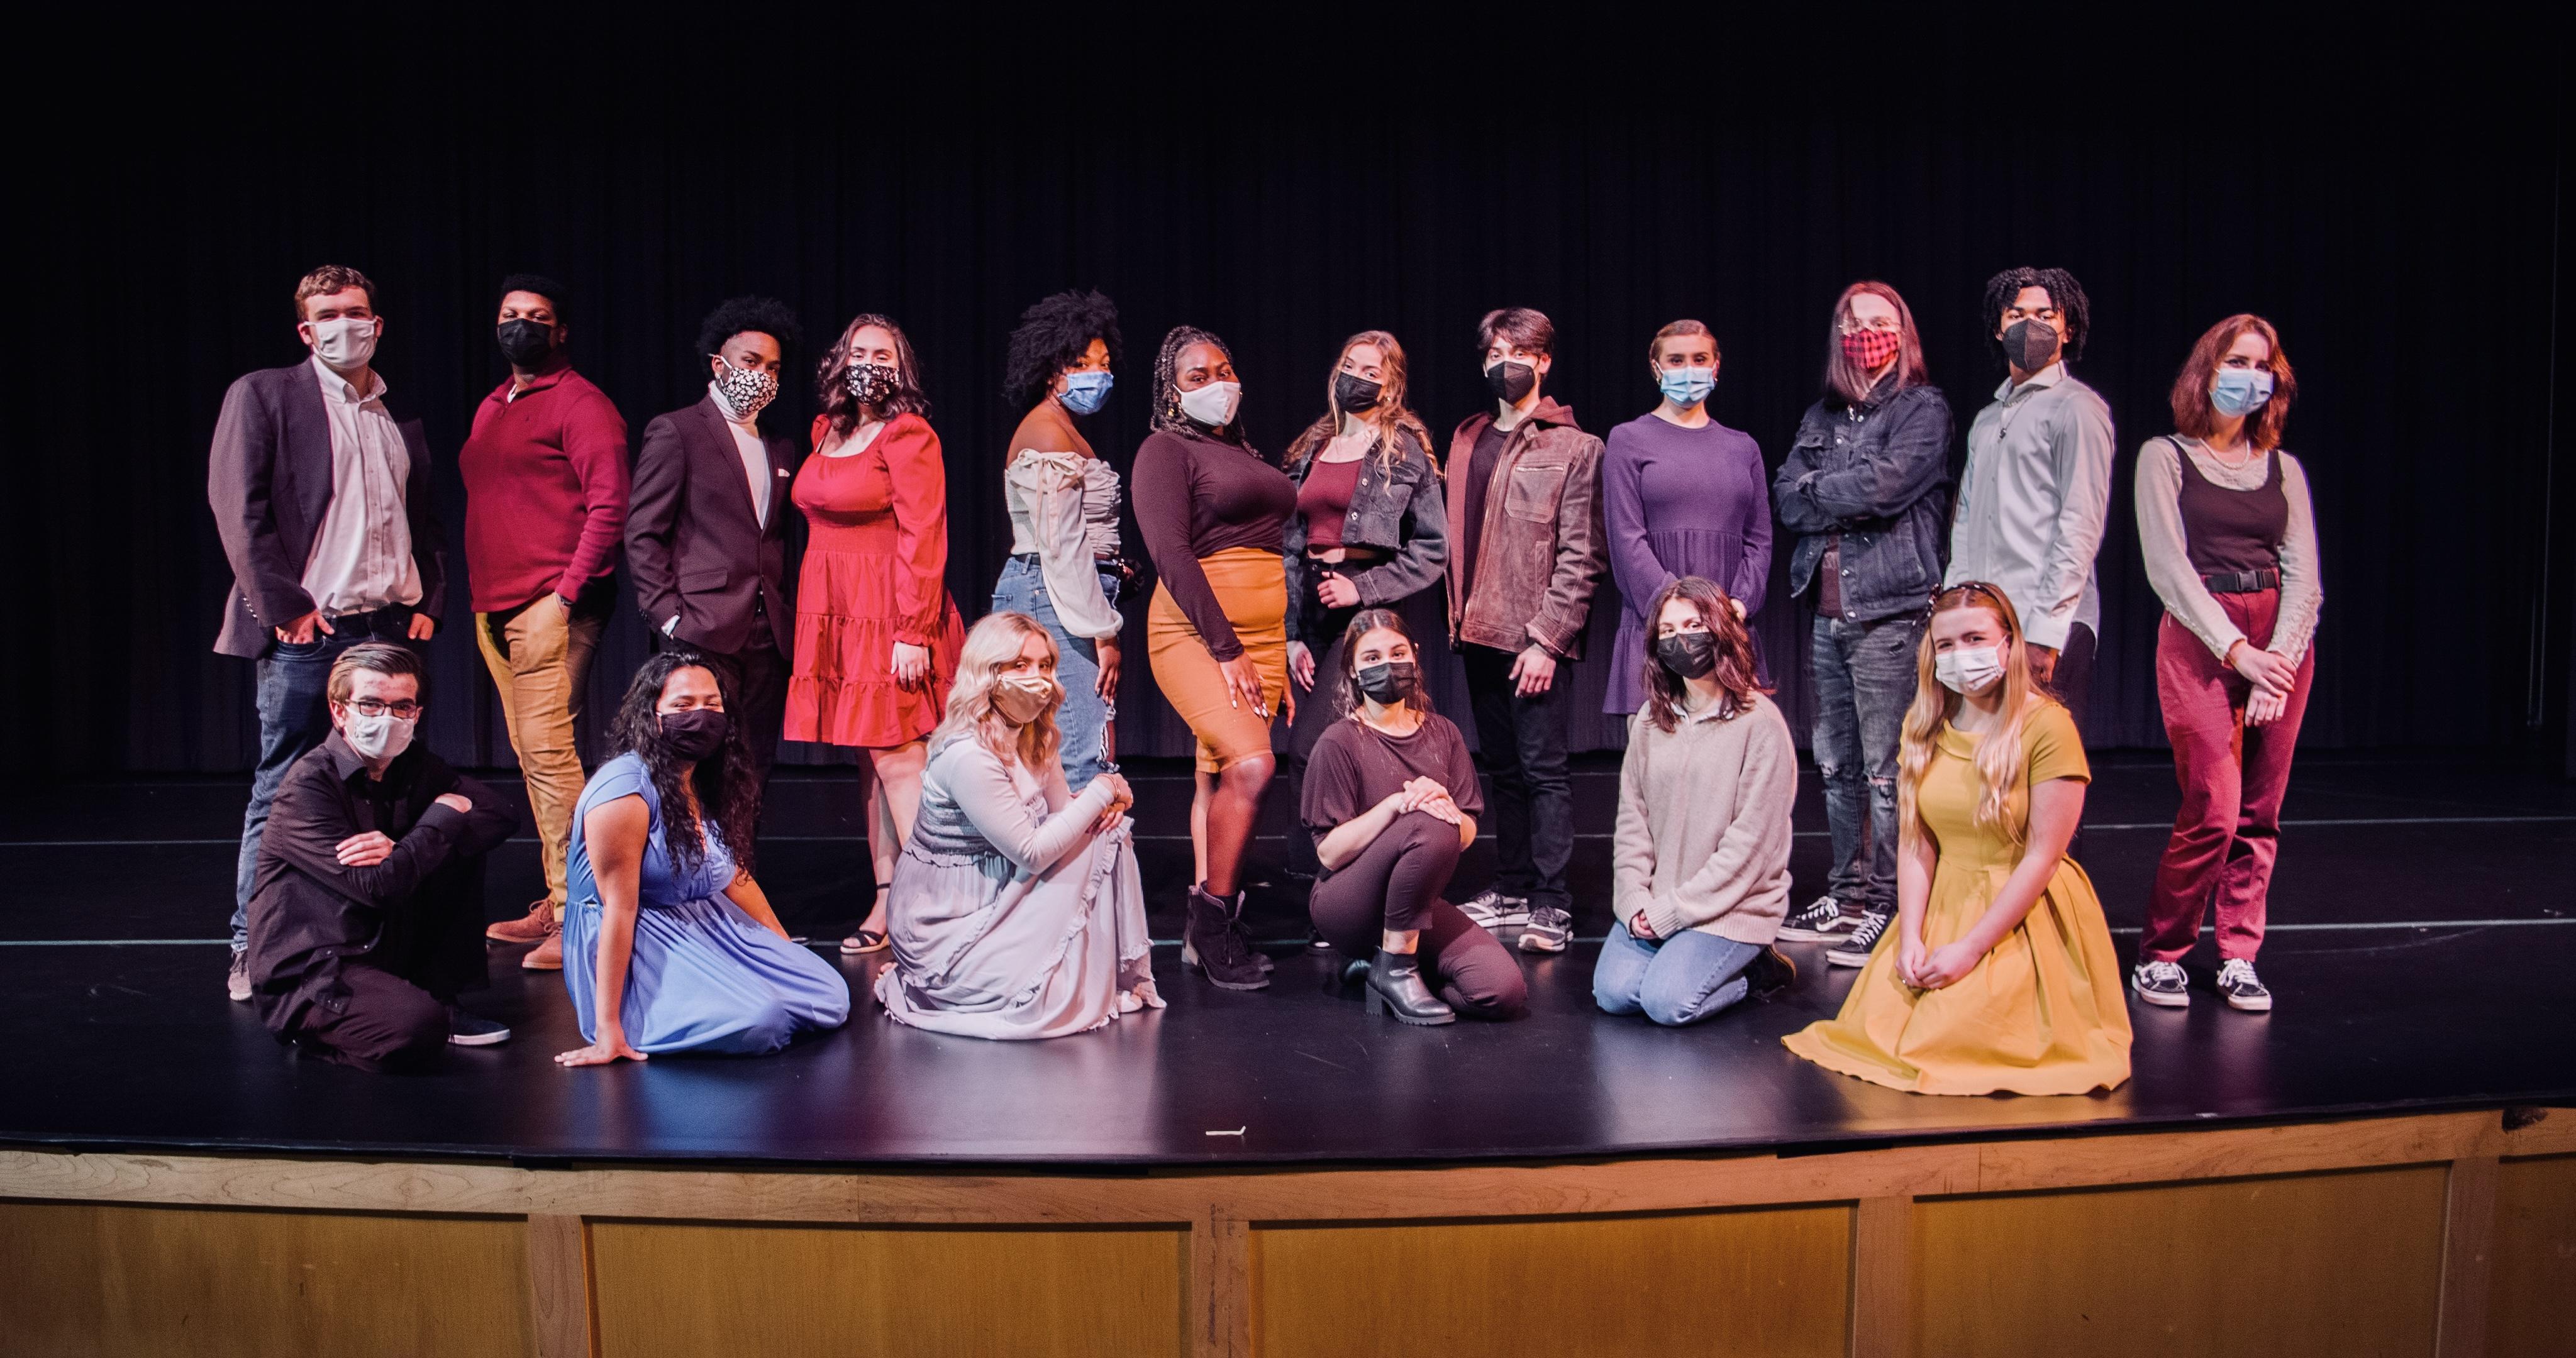 Performing Arts Spring 2021 Fundraiser